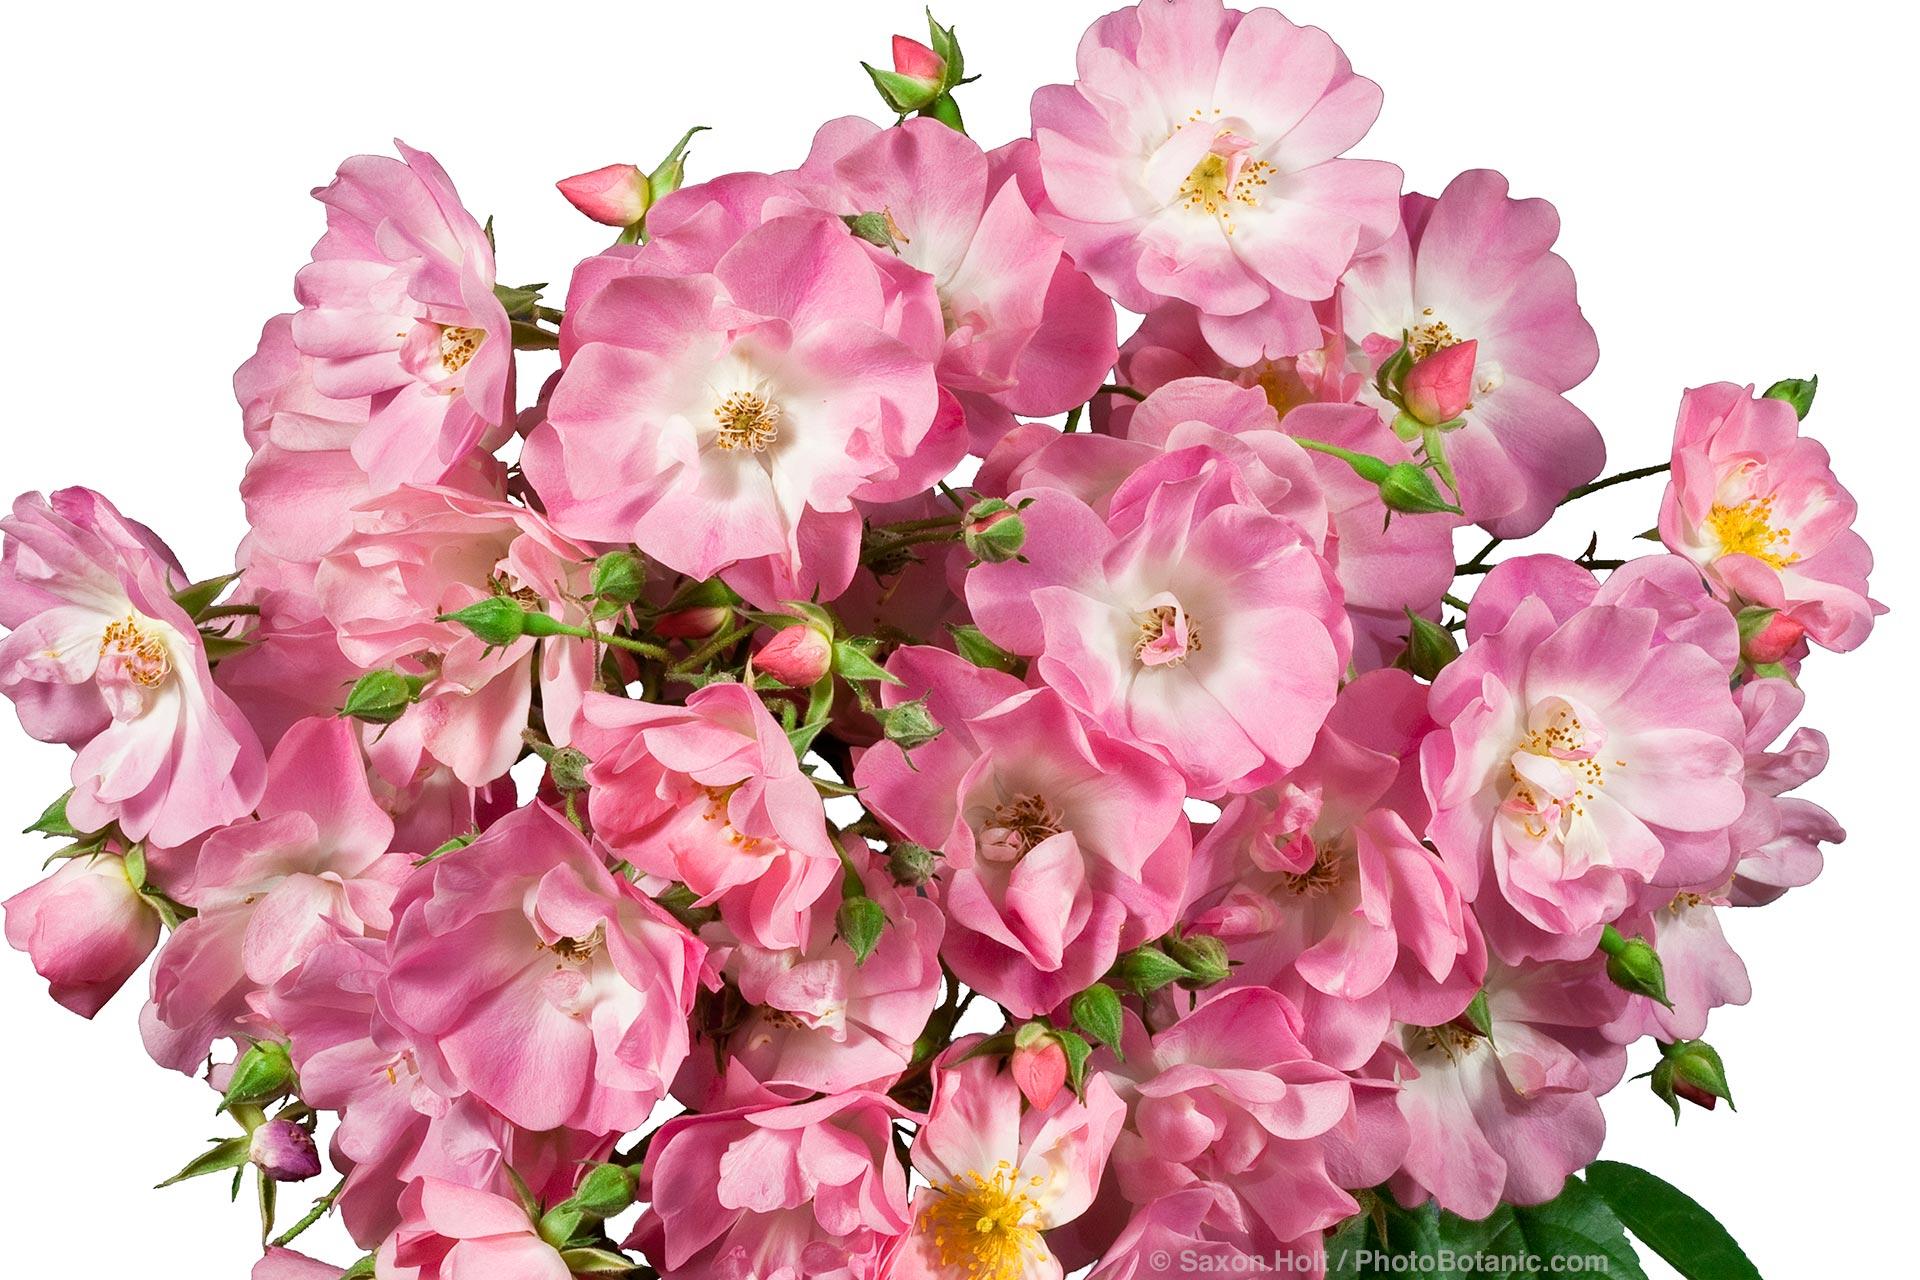 apple blossom rose flower silhouette